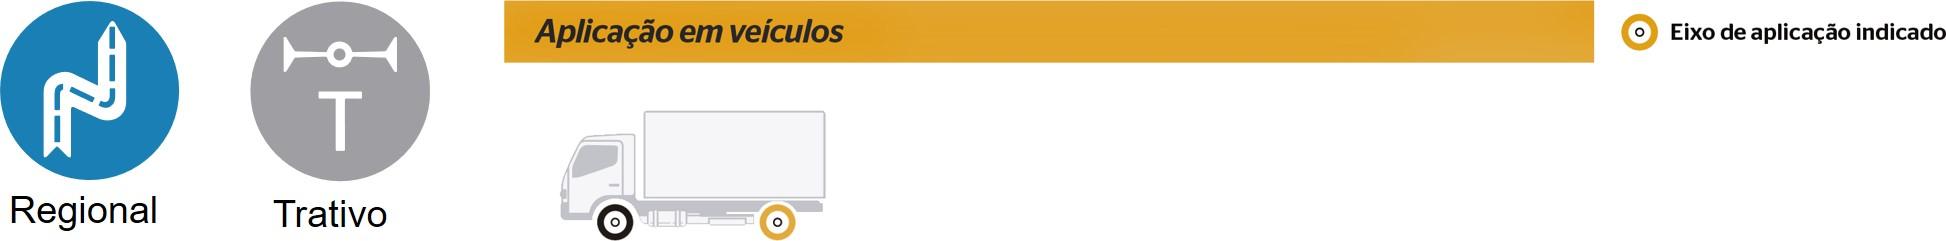 LDR1: Pneu borrachudo - Mercadoria| Continental Pneus Carga (Ícones com categorias de uso)